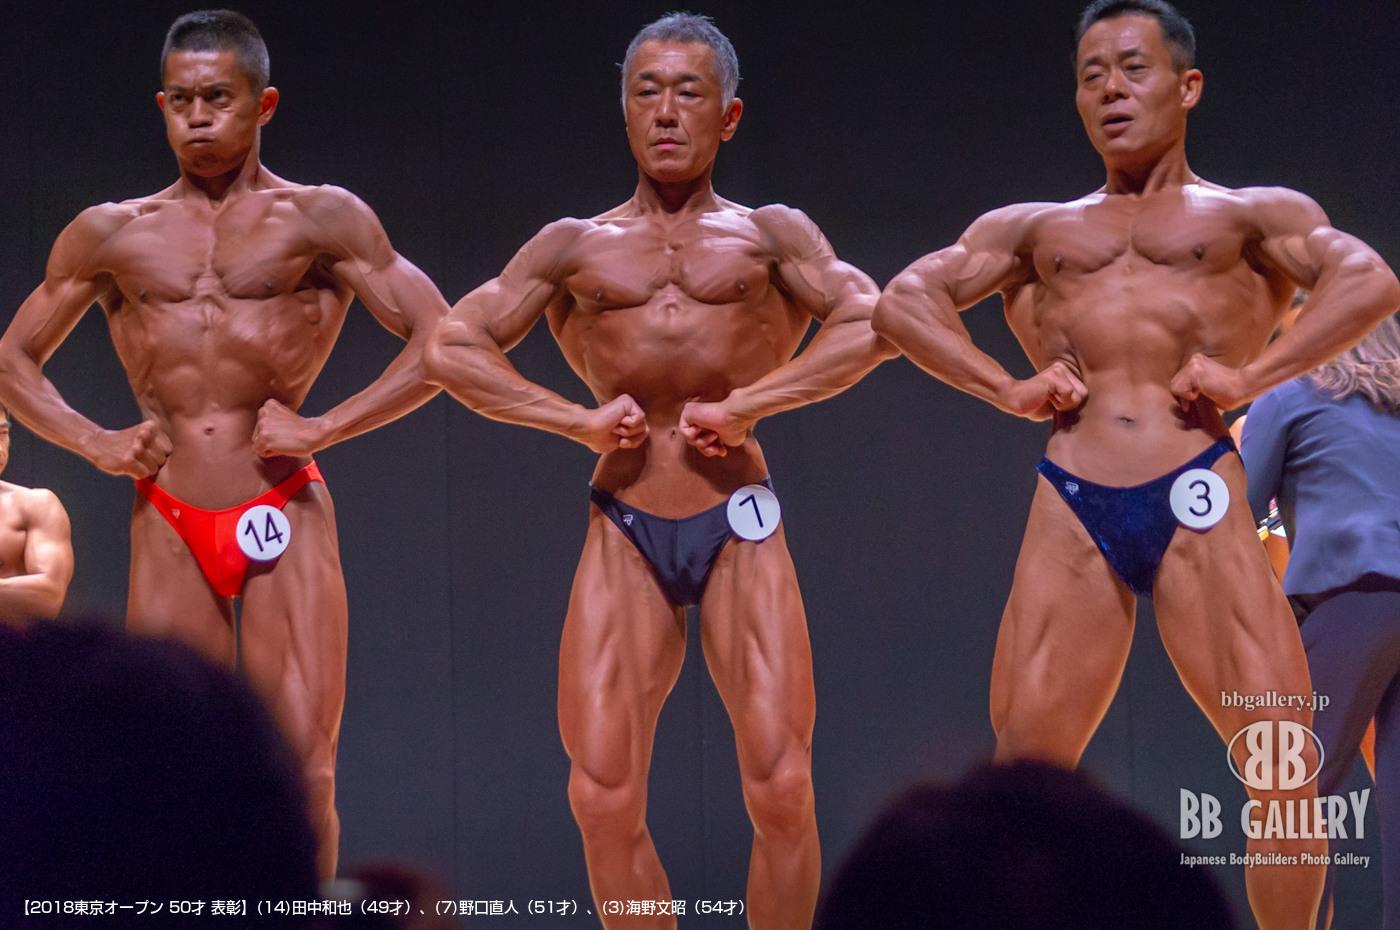 【2018東京オープン 50才 表彰】(14)田中和也(49才)、(7)野口直人(51才)、(3)海野文昭(54才)